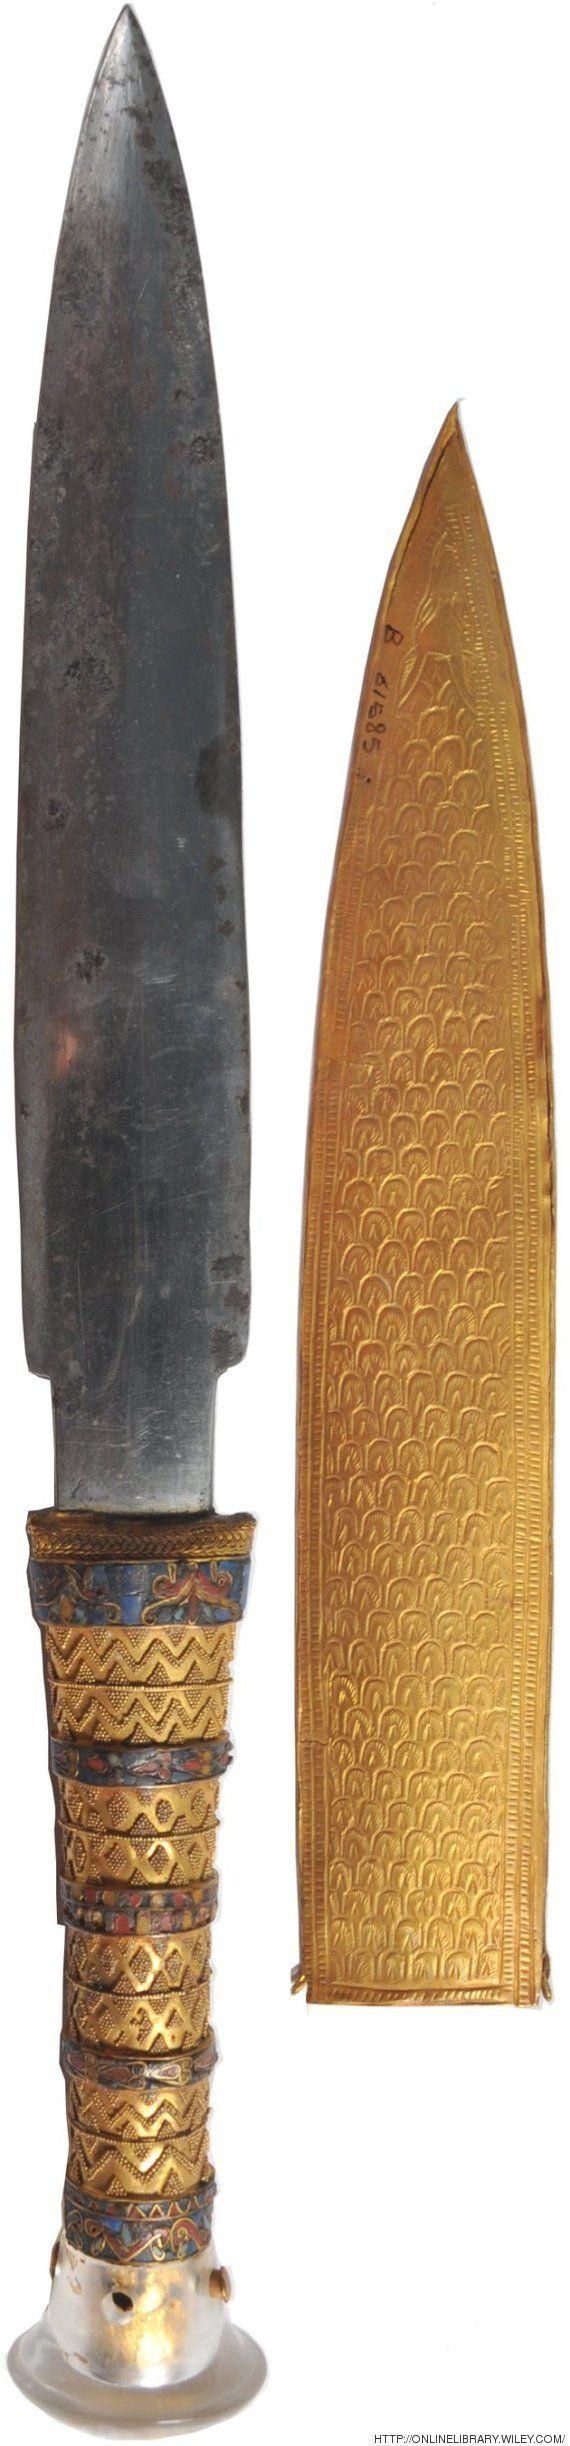 ツタンカーメンの短剣は、隕石からできていた